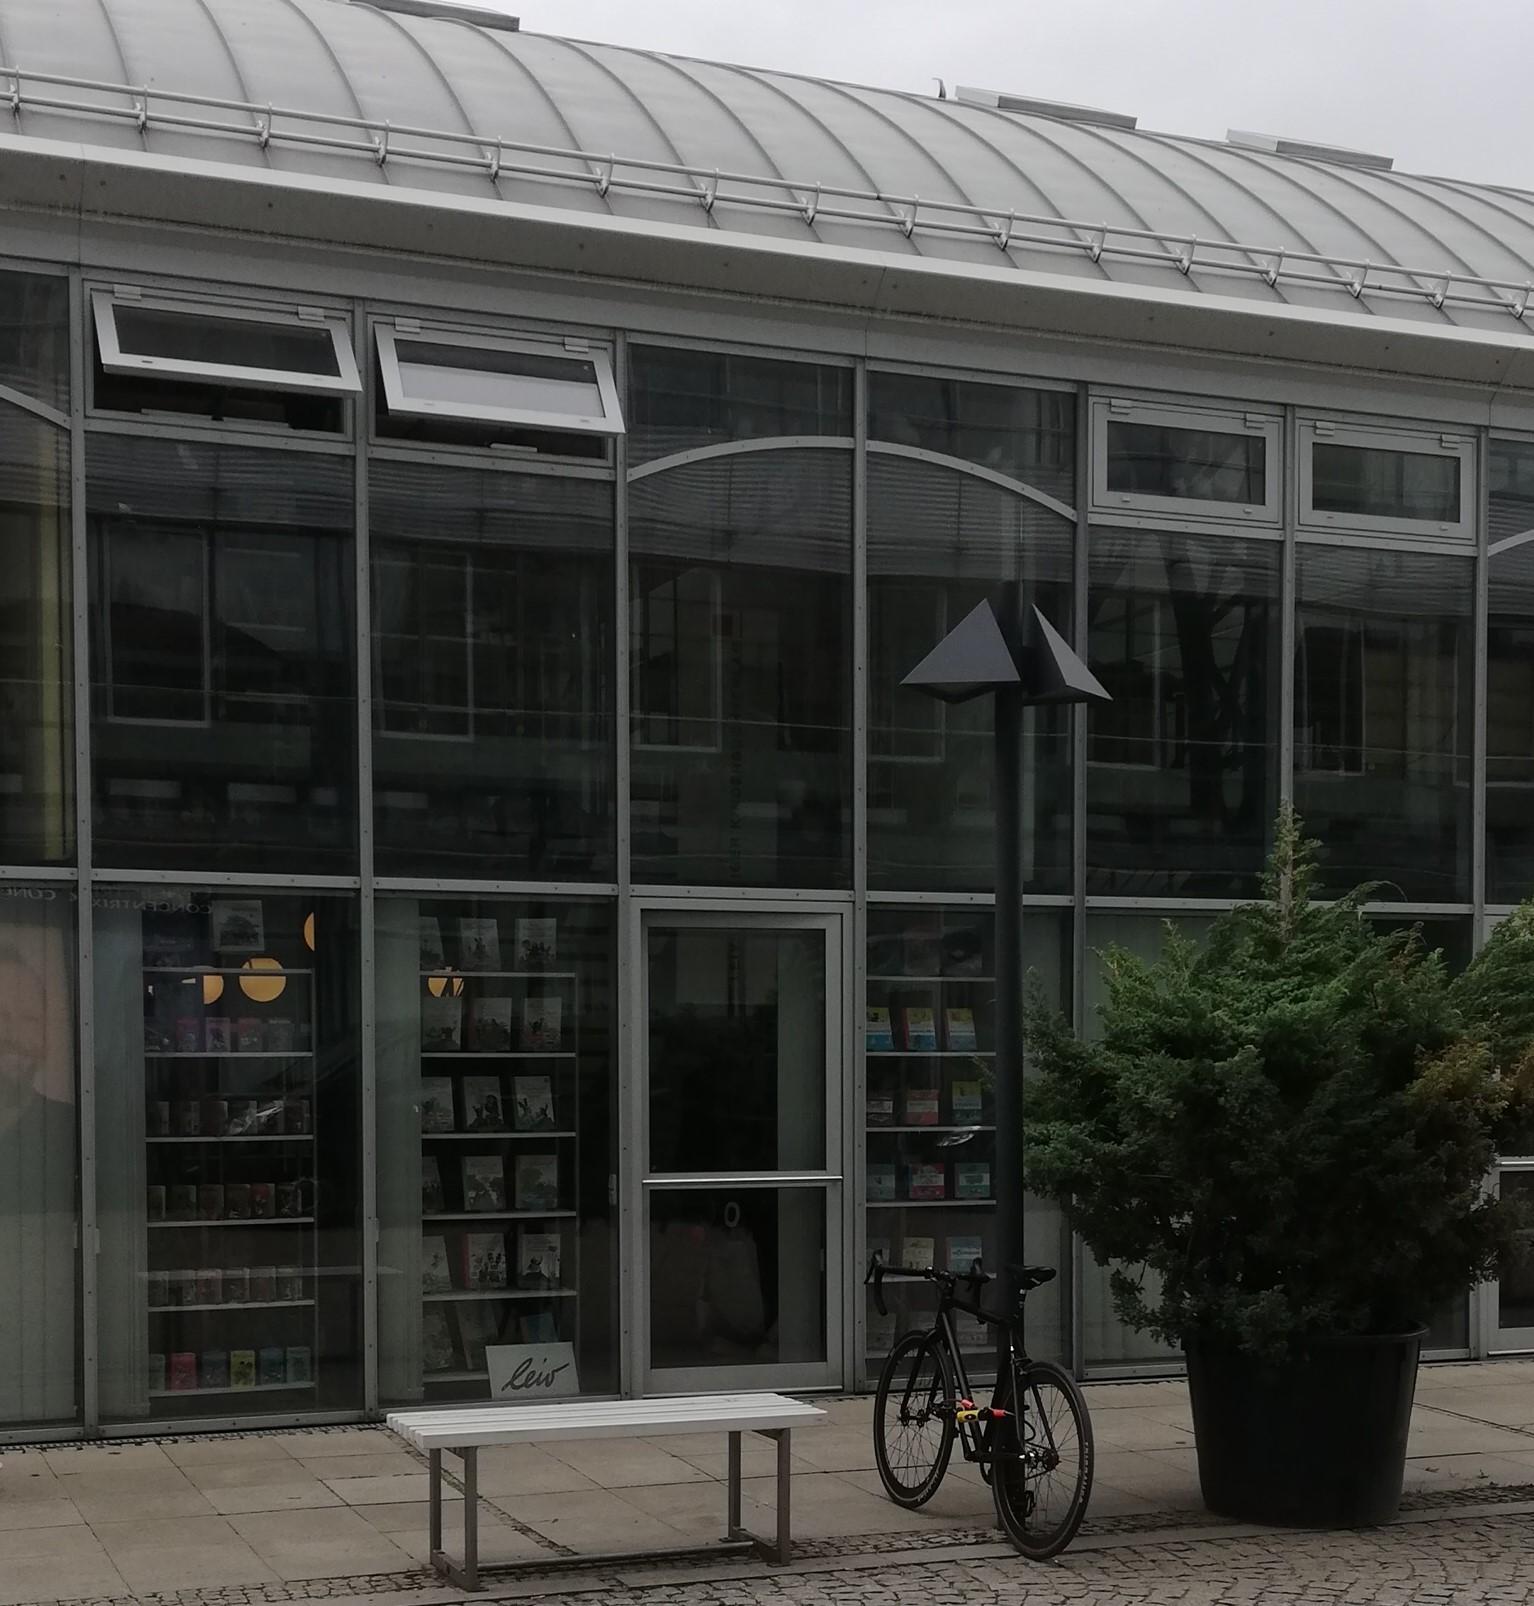 LEIV Verlag in Leipzig ©glasperlenspiel13